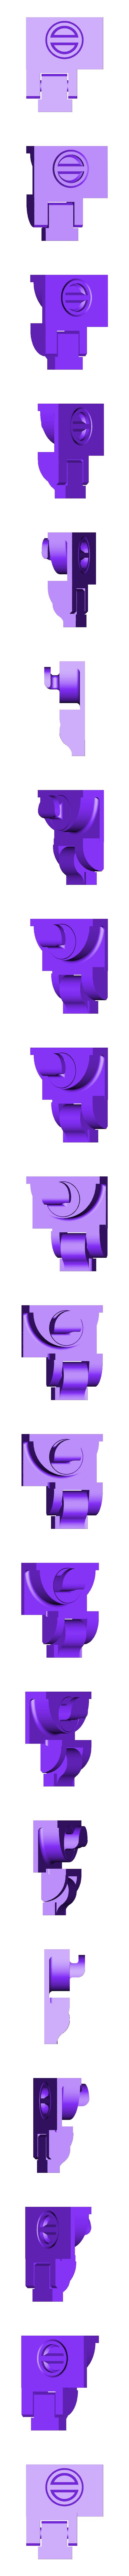 Testpiece.stl Télécharger fichier STL gratuit Impression en place Boîte de verrouillage - Pas d'assemblage ! • Design à imprimer en 3D, SunShine